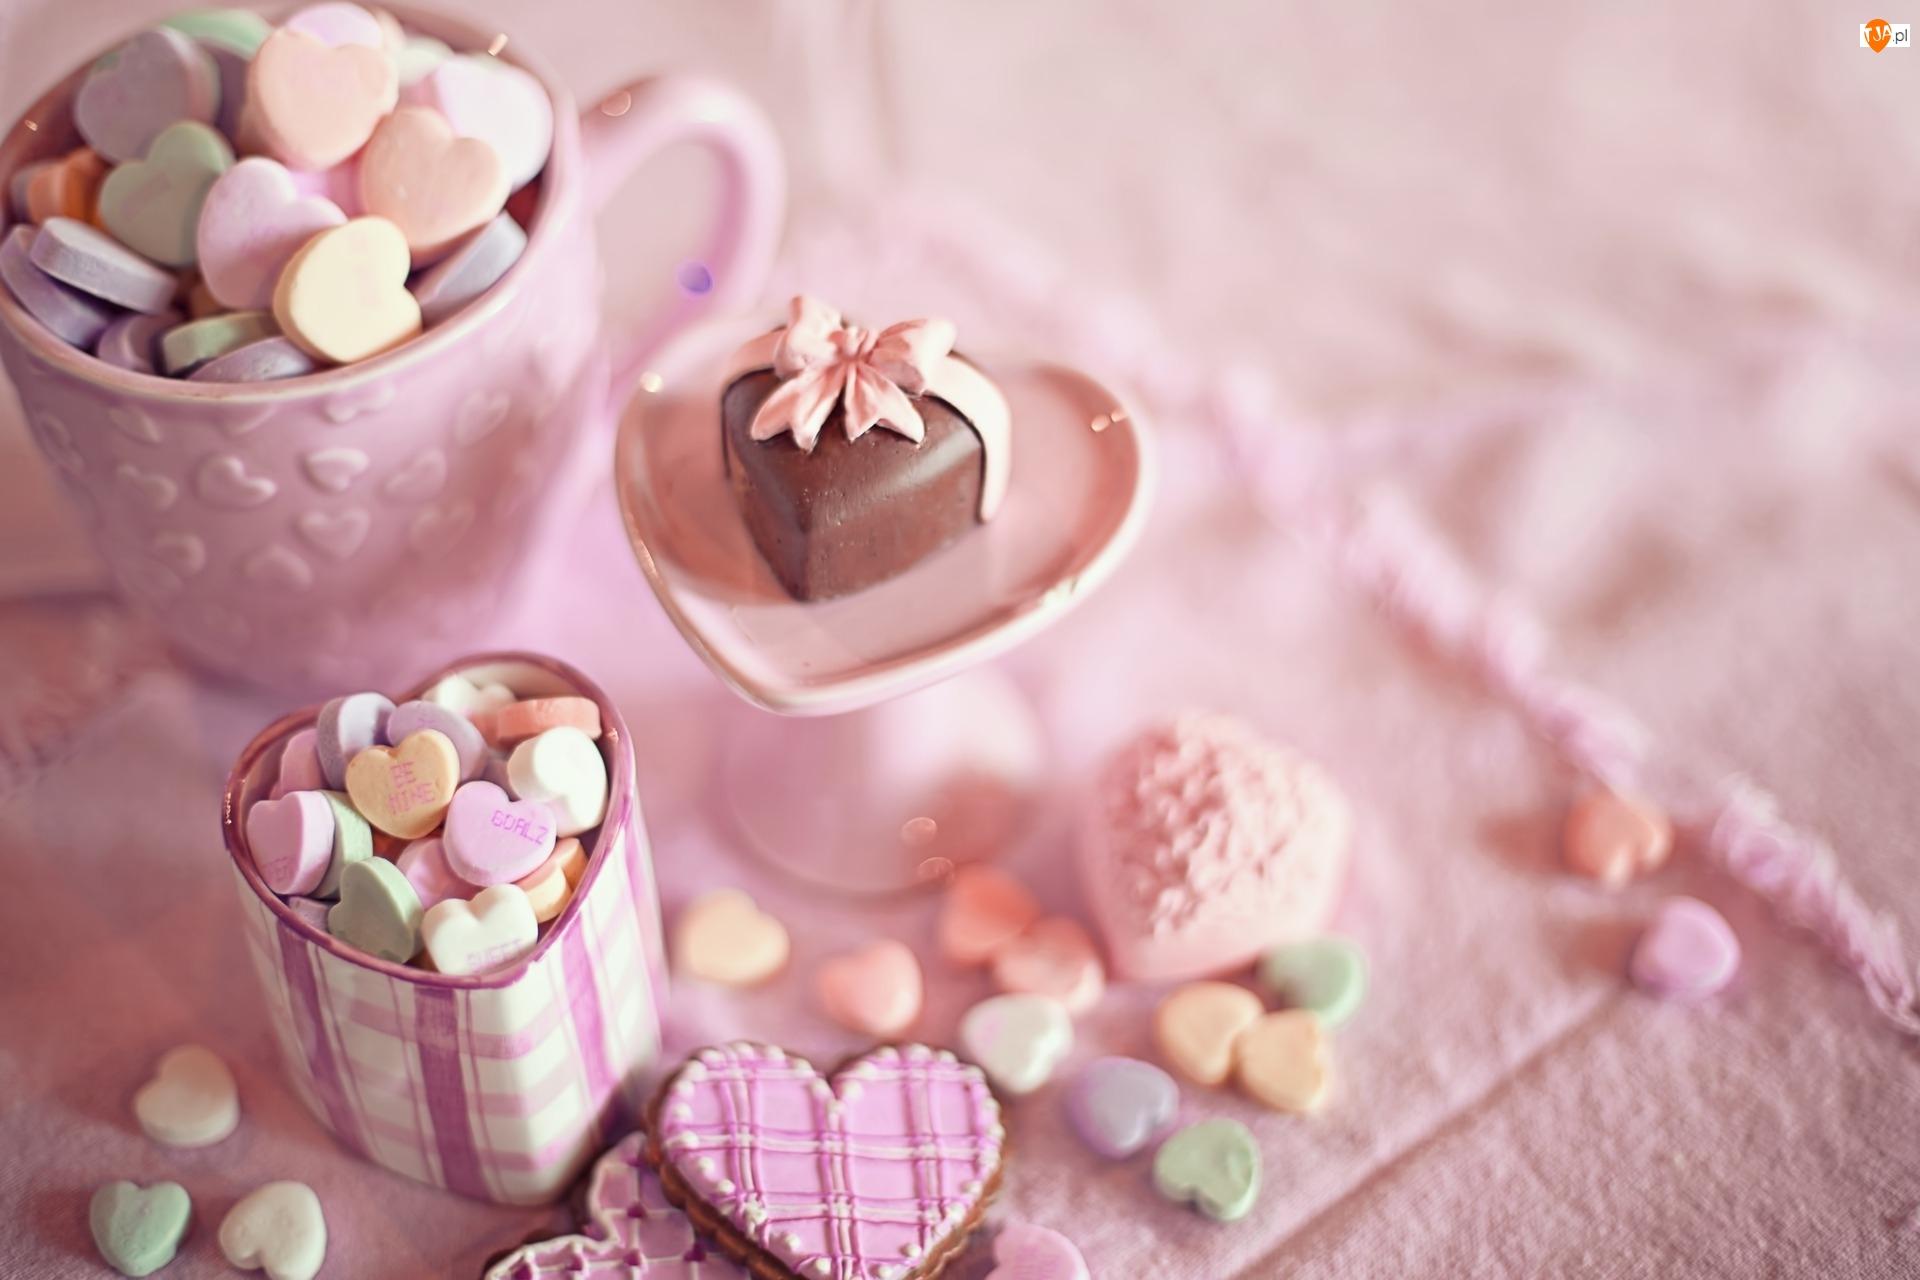 Ciasteczka, Słodycze, Cukierki, Czekoladka